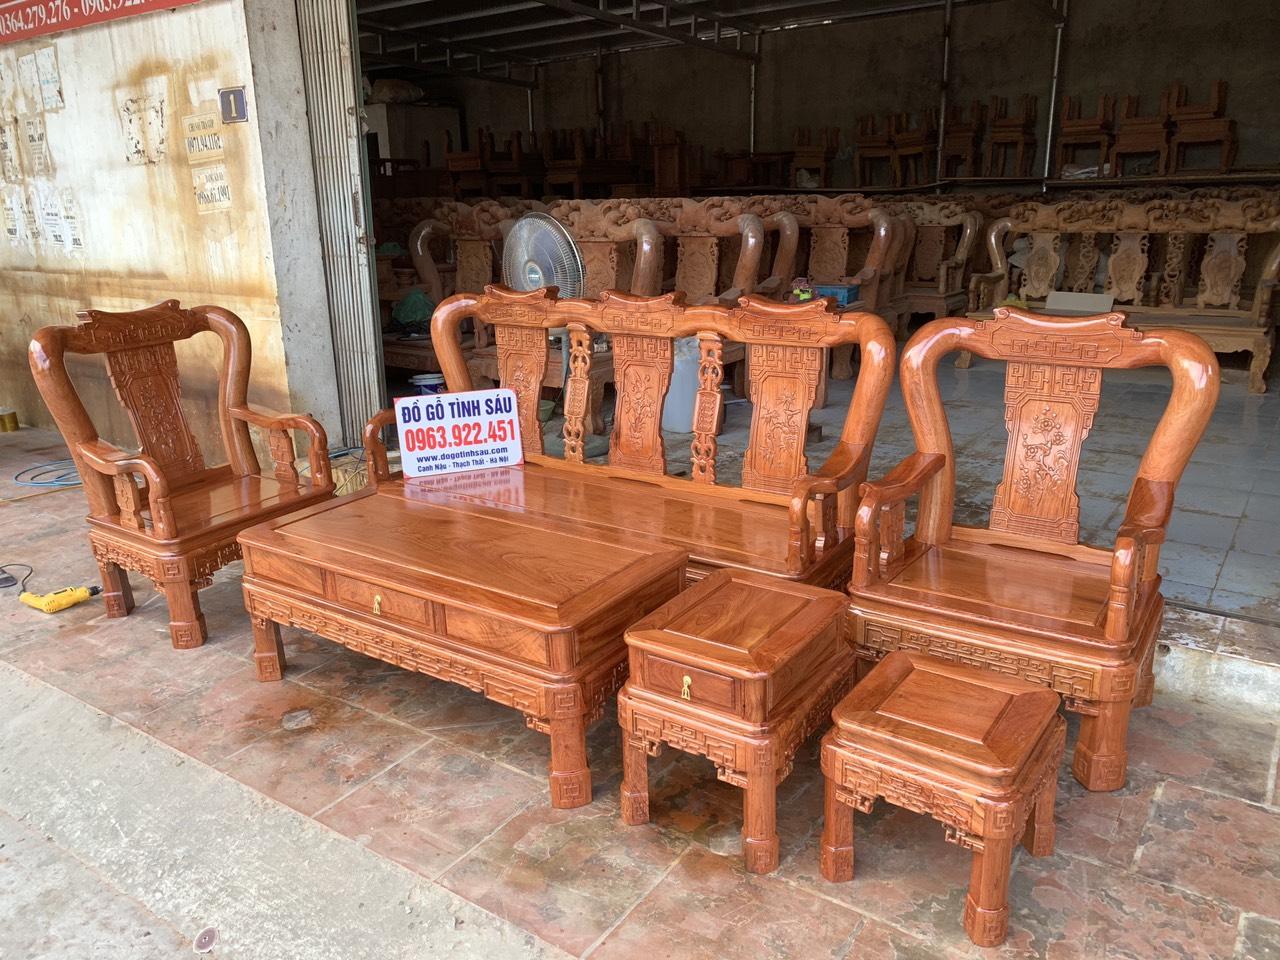 bo ghe minh quoc trien cot 10 go huong da 6 mon - Bộ ghế Minh Quốc triện cột 10 gỗ hương đá 6 món